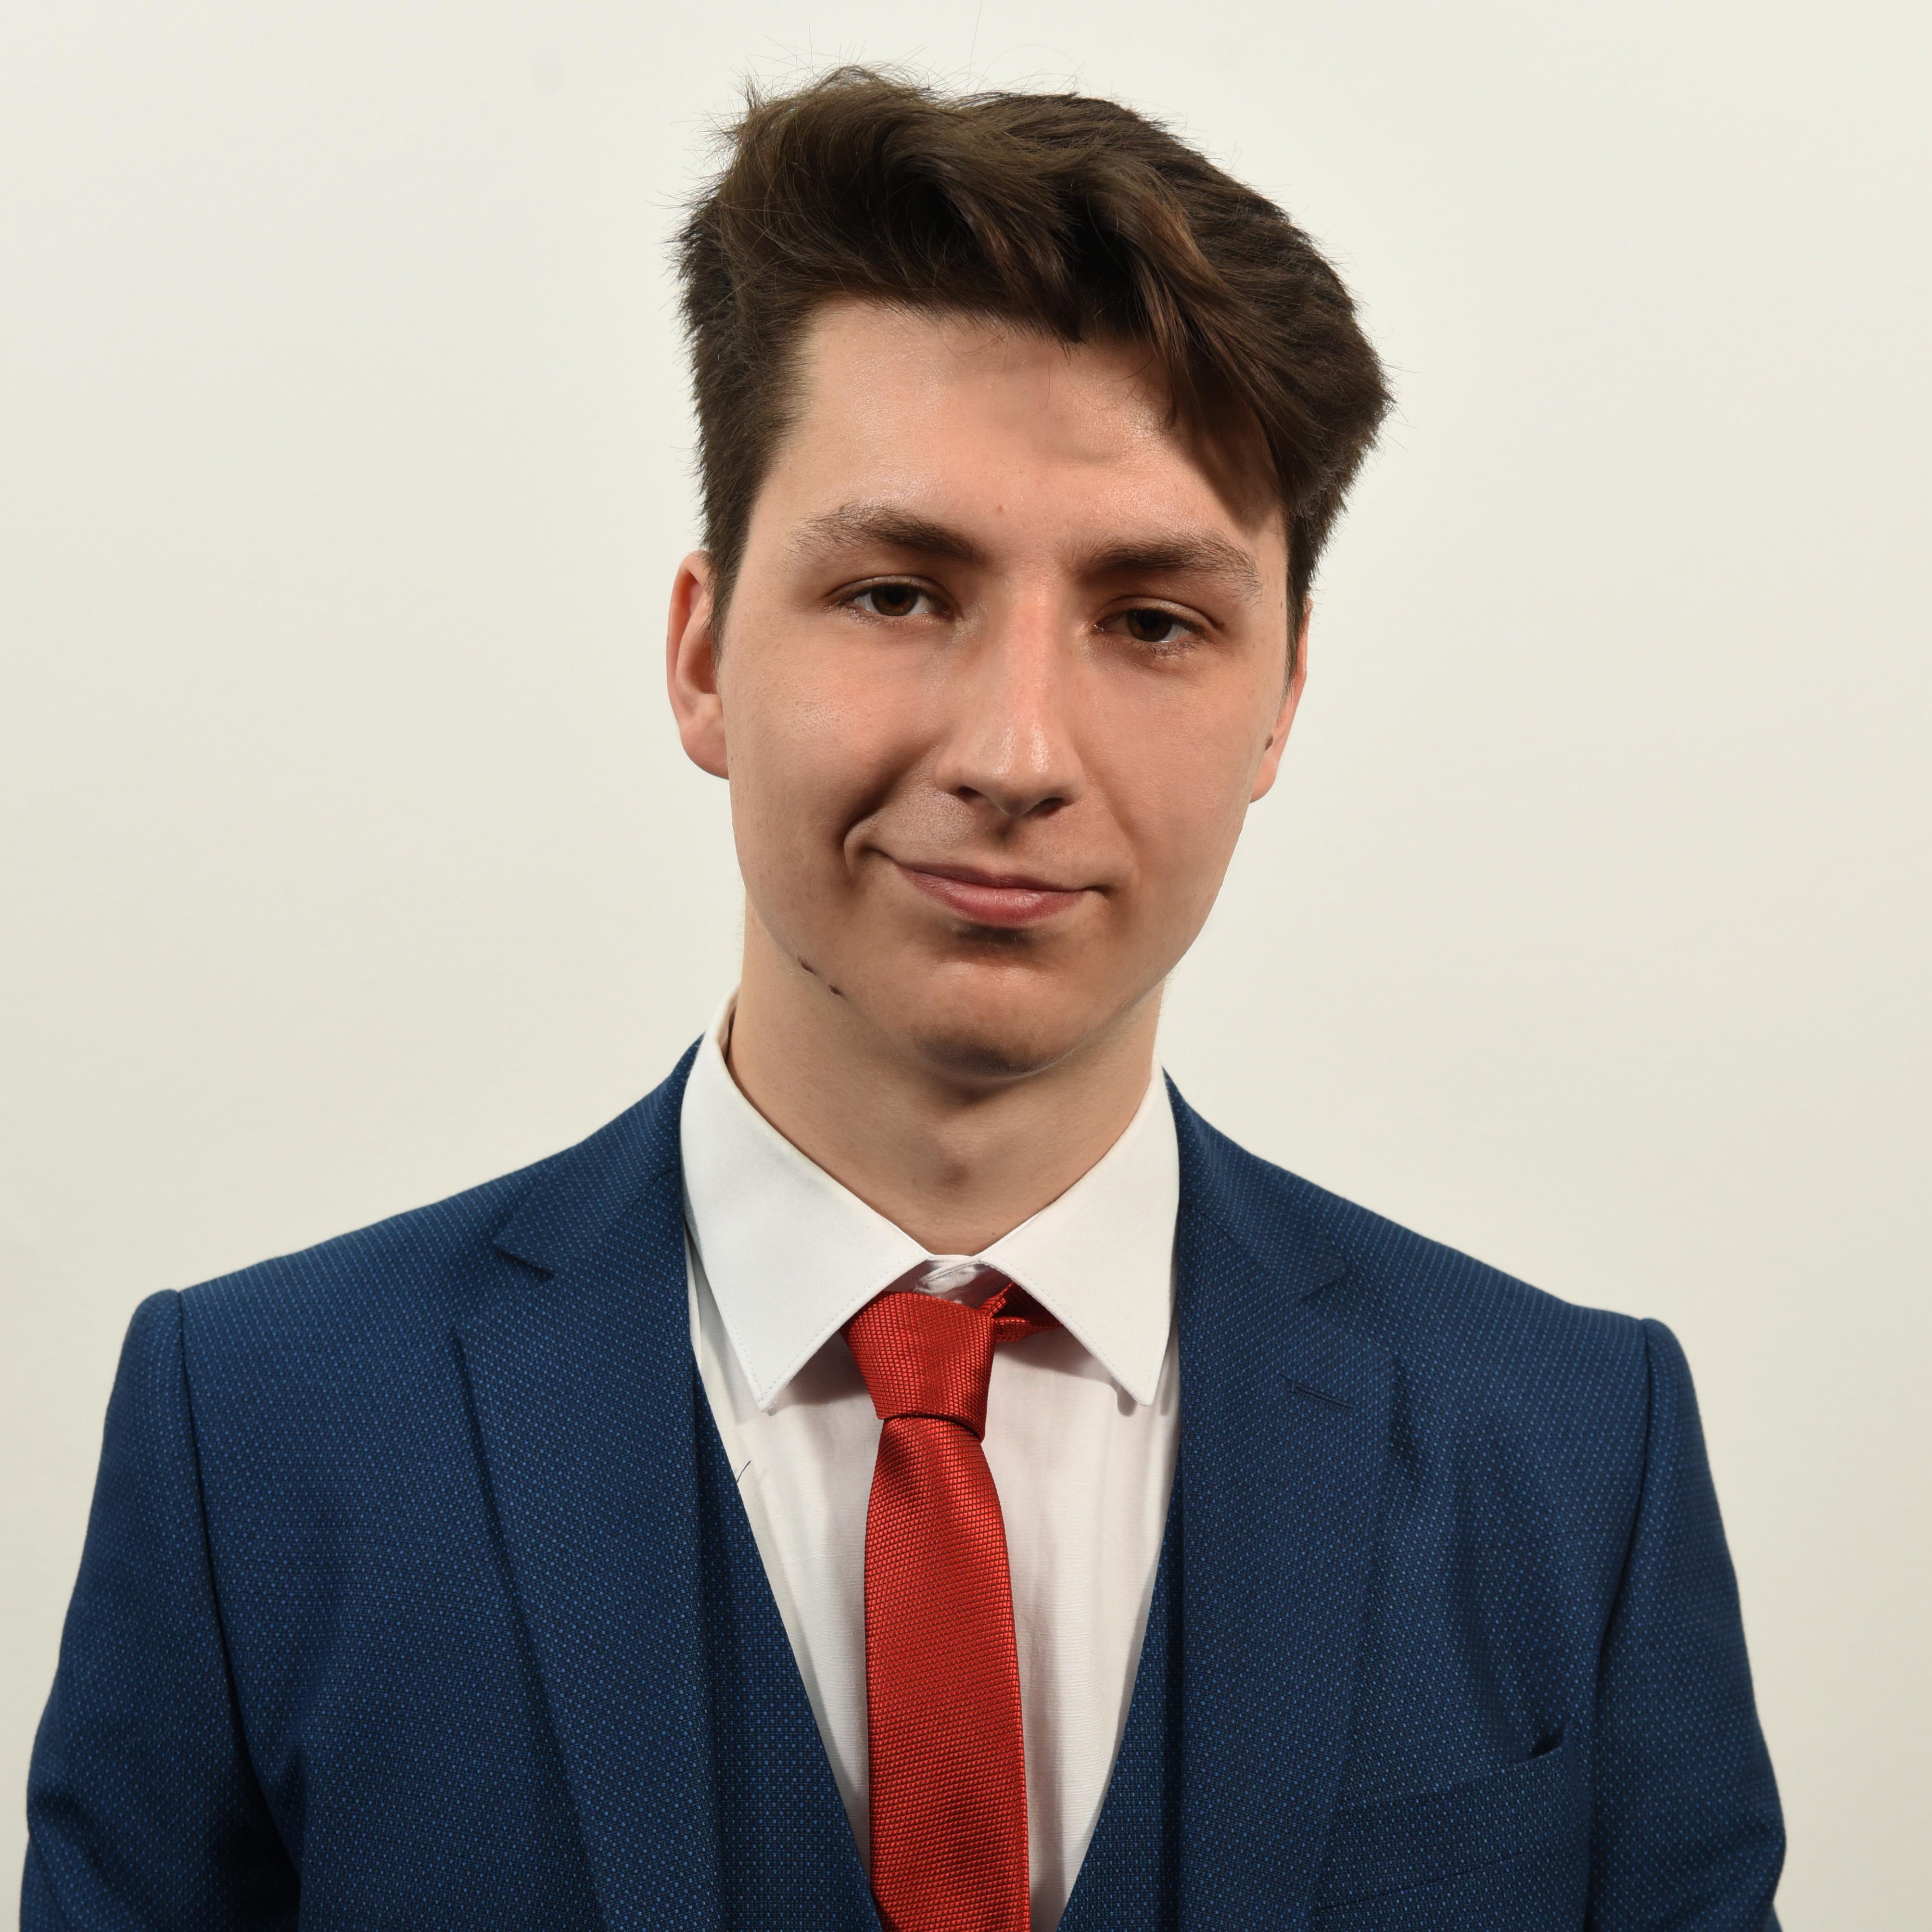 Goran Gašparovski